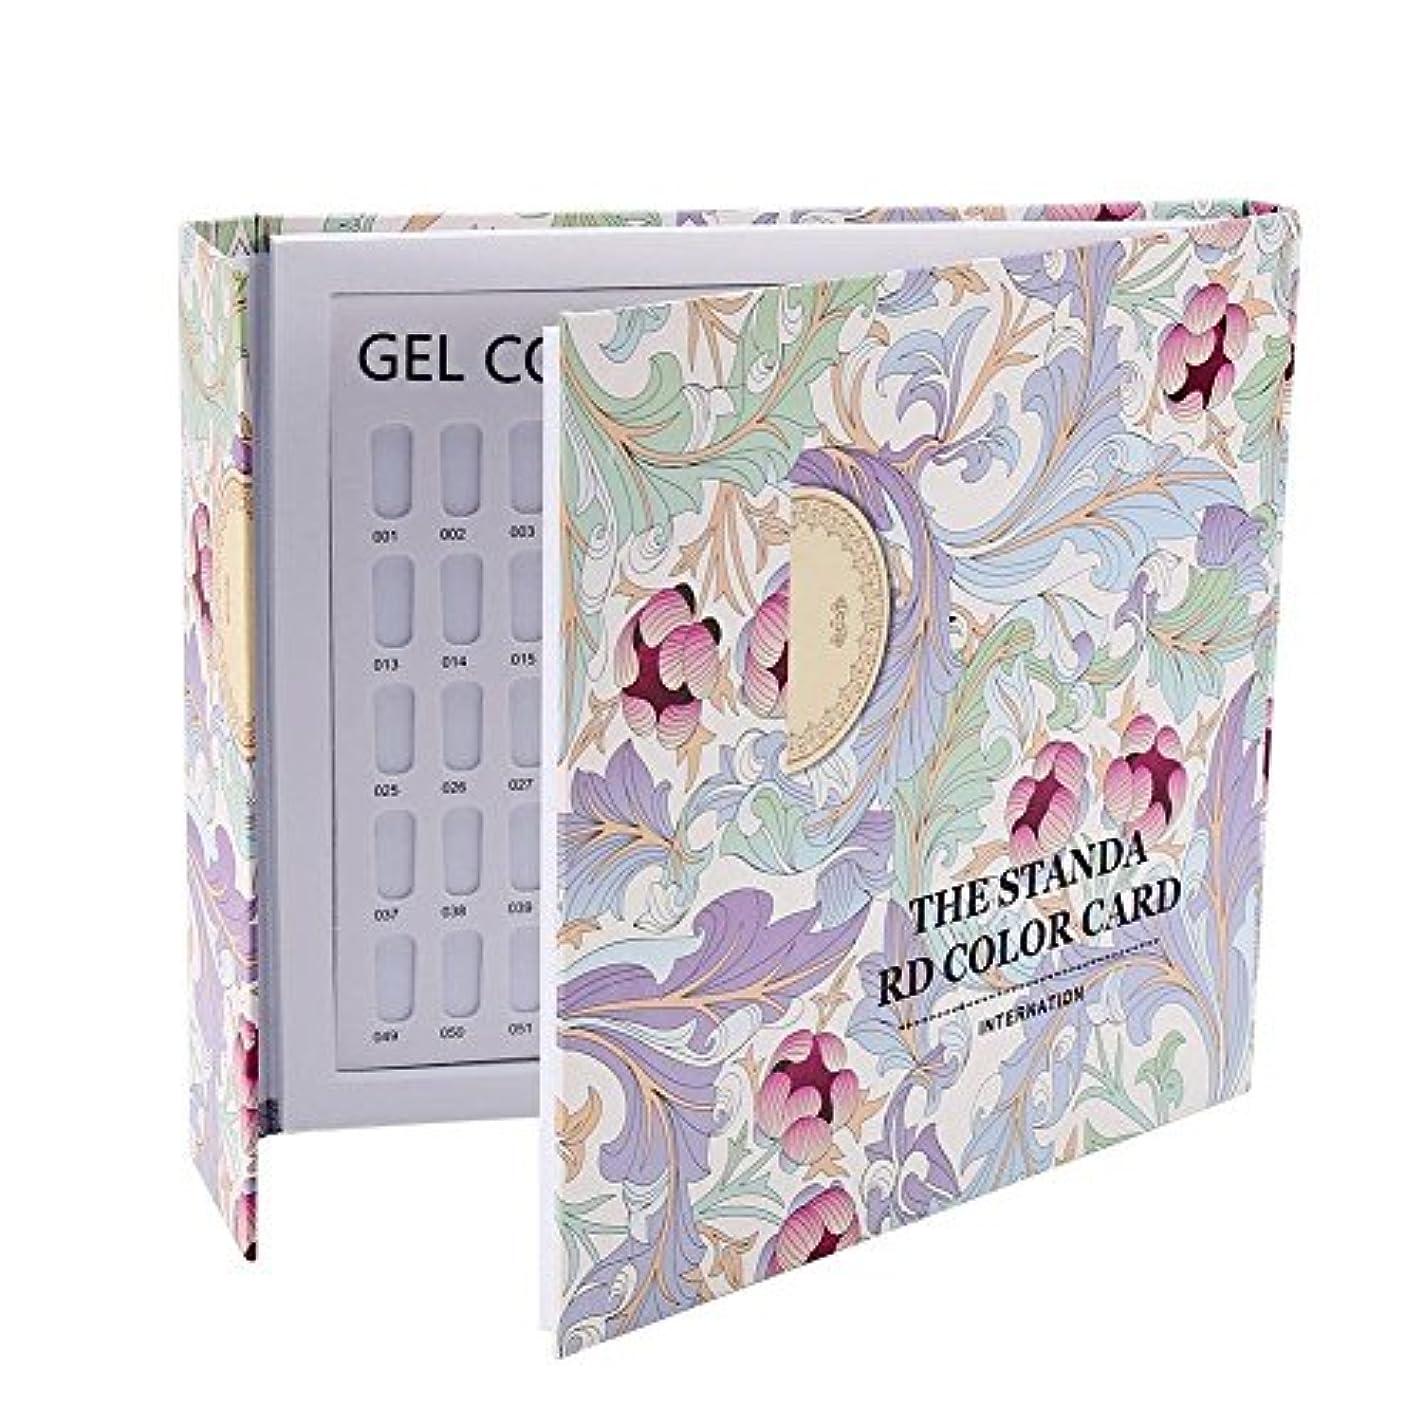 顎特別な警戒カラーチャート ブック - Delaman ネイル 色見本、ブック型 、ジェルネイル、カラーガイド、サンプル帳、120色 (パターンカバー)